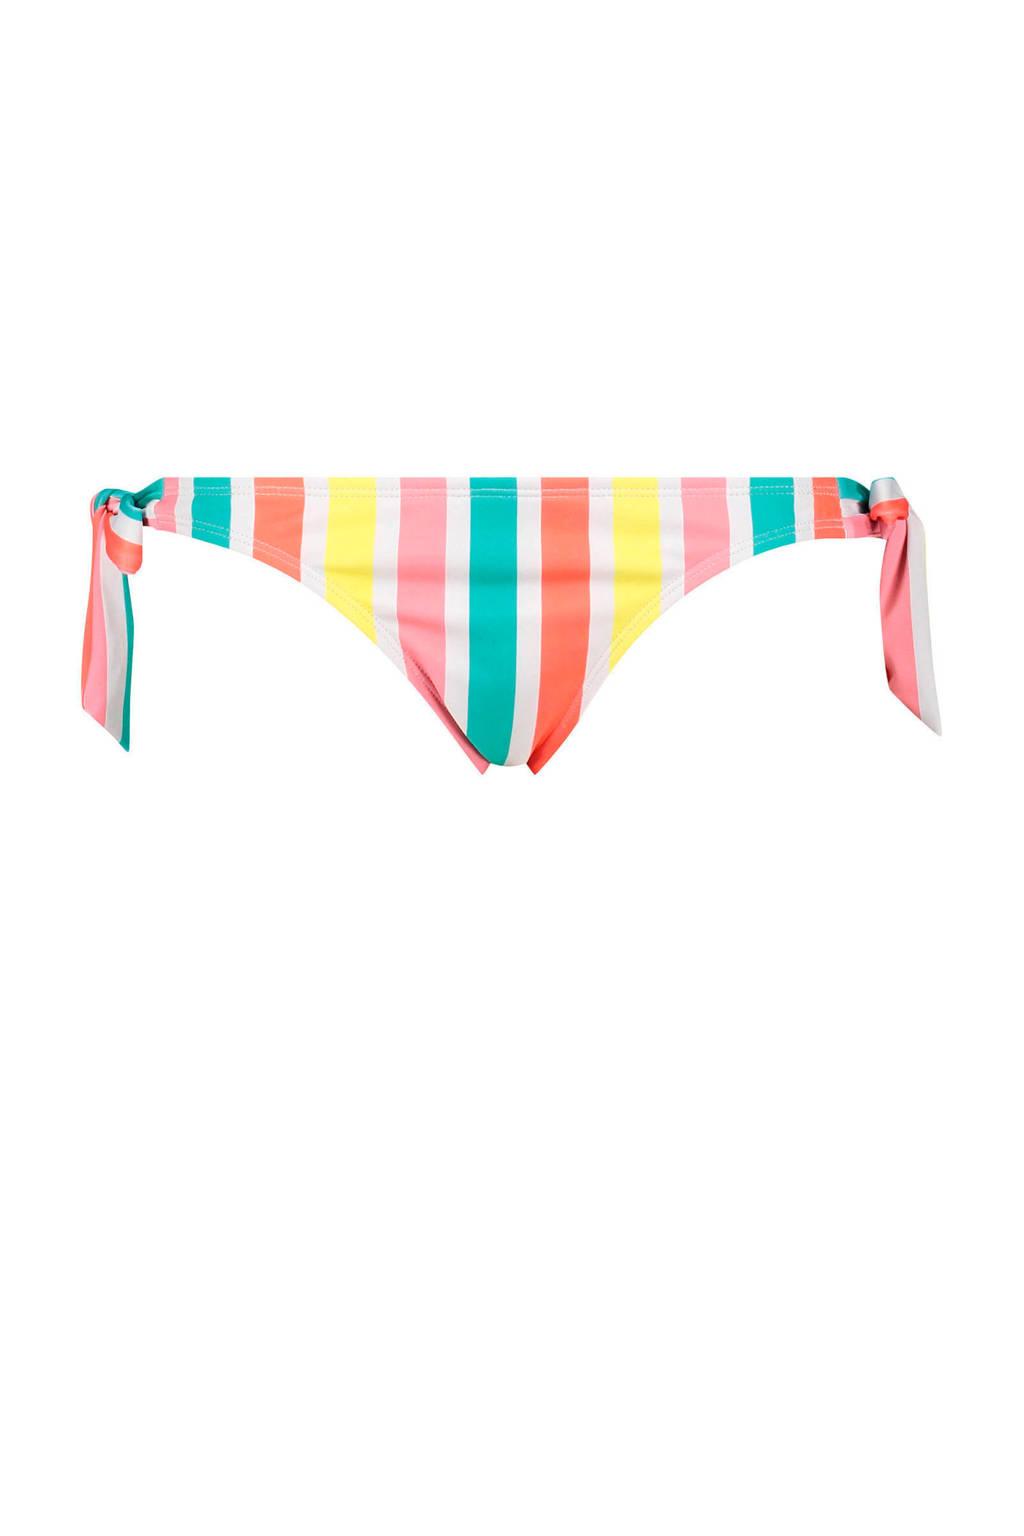 Hunkemöller brazilian strikbroekje Tropics roze/blauw/geel/oranje/wit, Roze/blauw/geel/oranje/wit